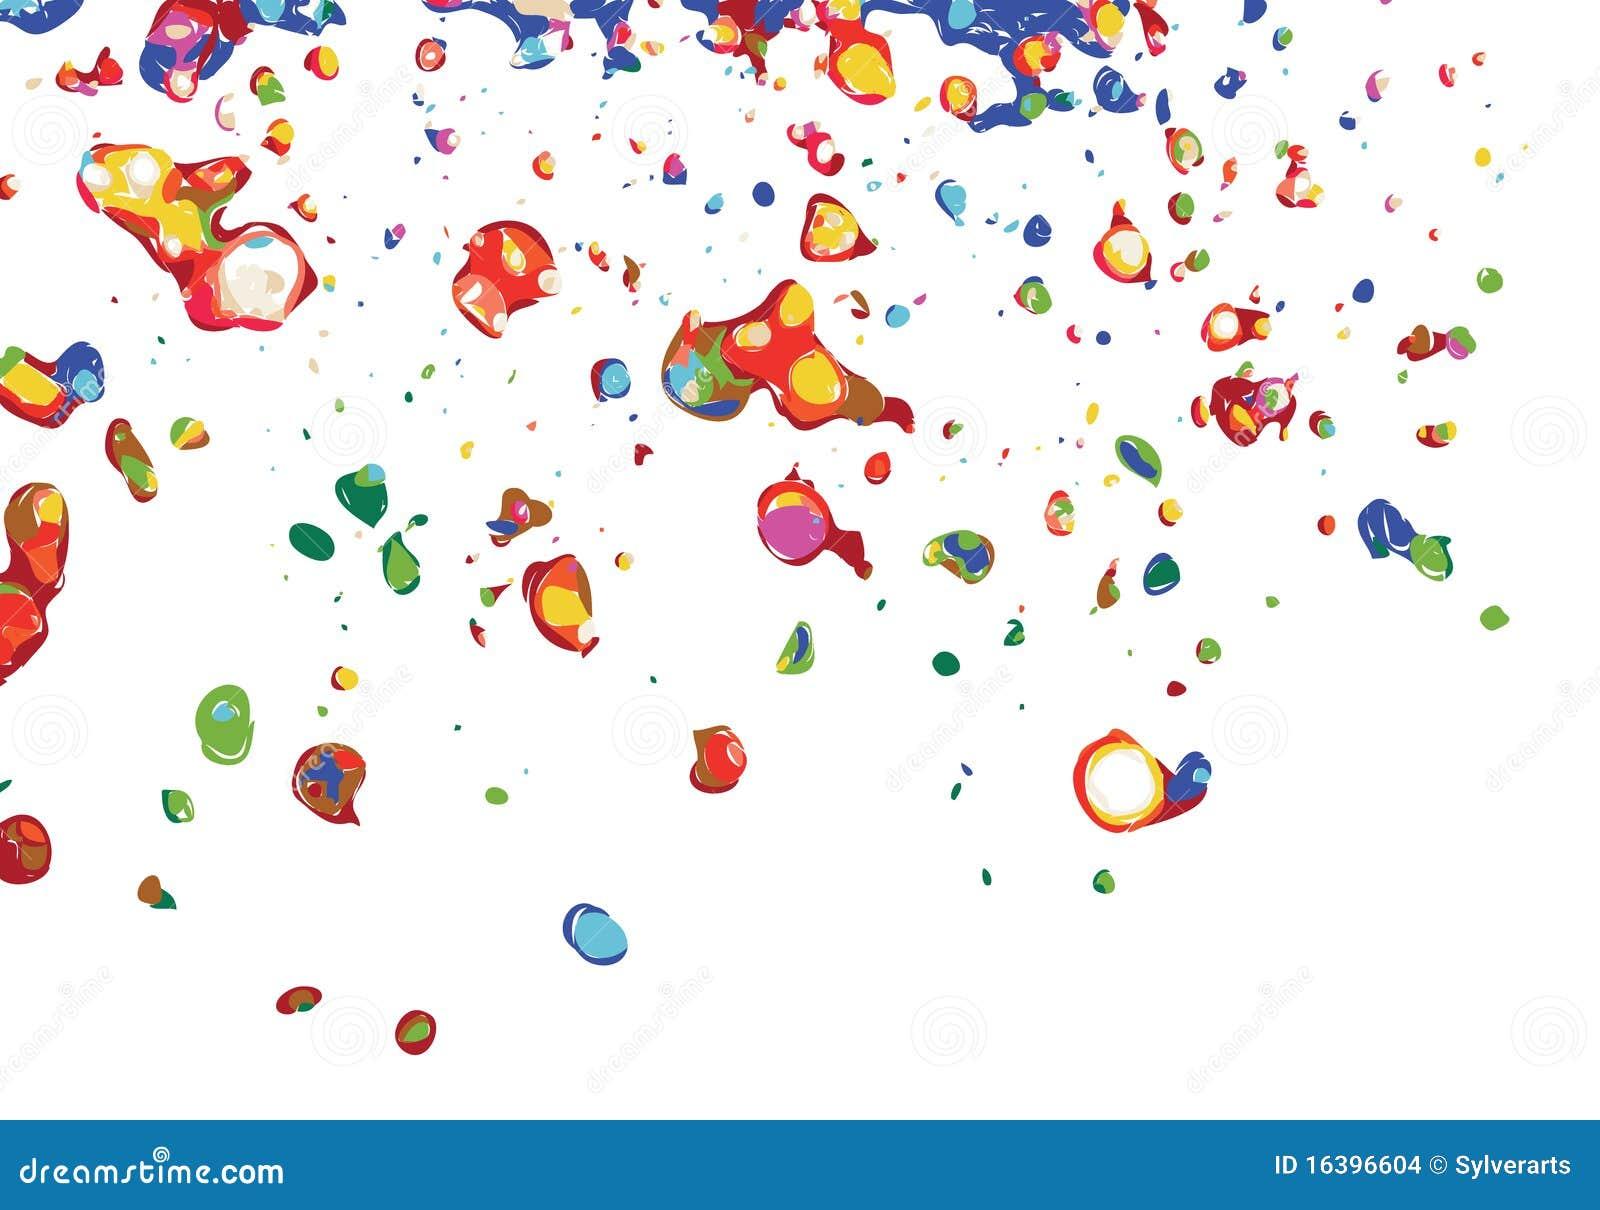 Paint texture paints background download photo color paint texture - Colorful Paint Splatters Stock Images Image 16396604